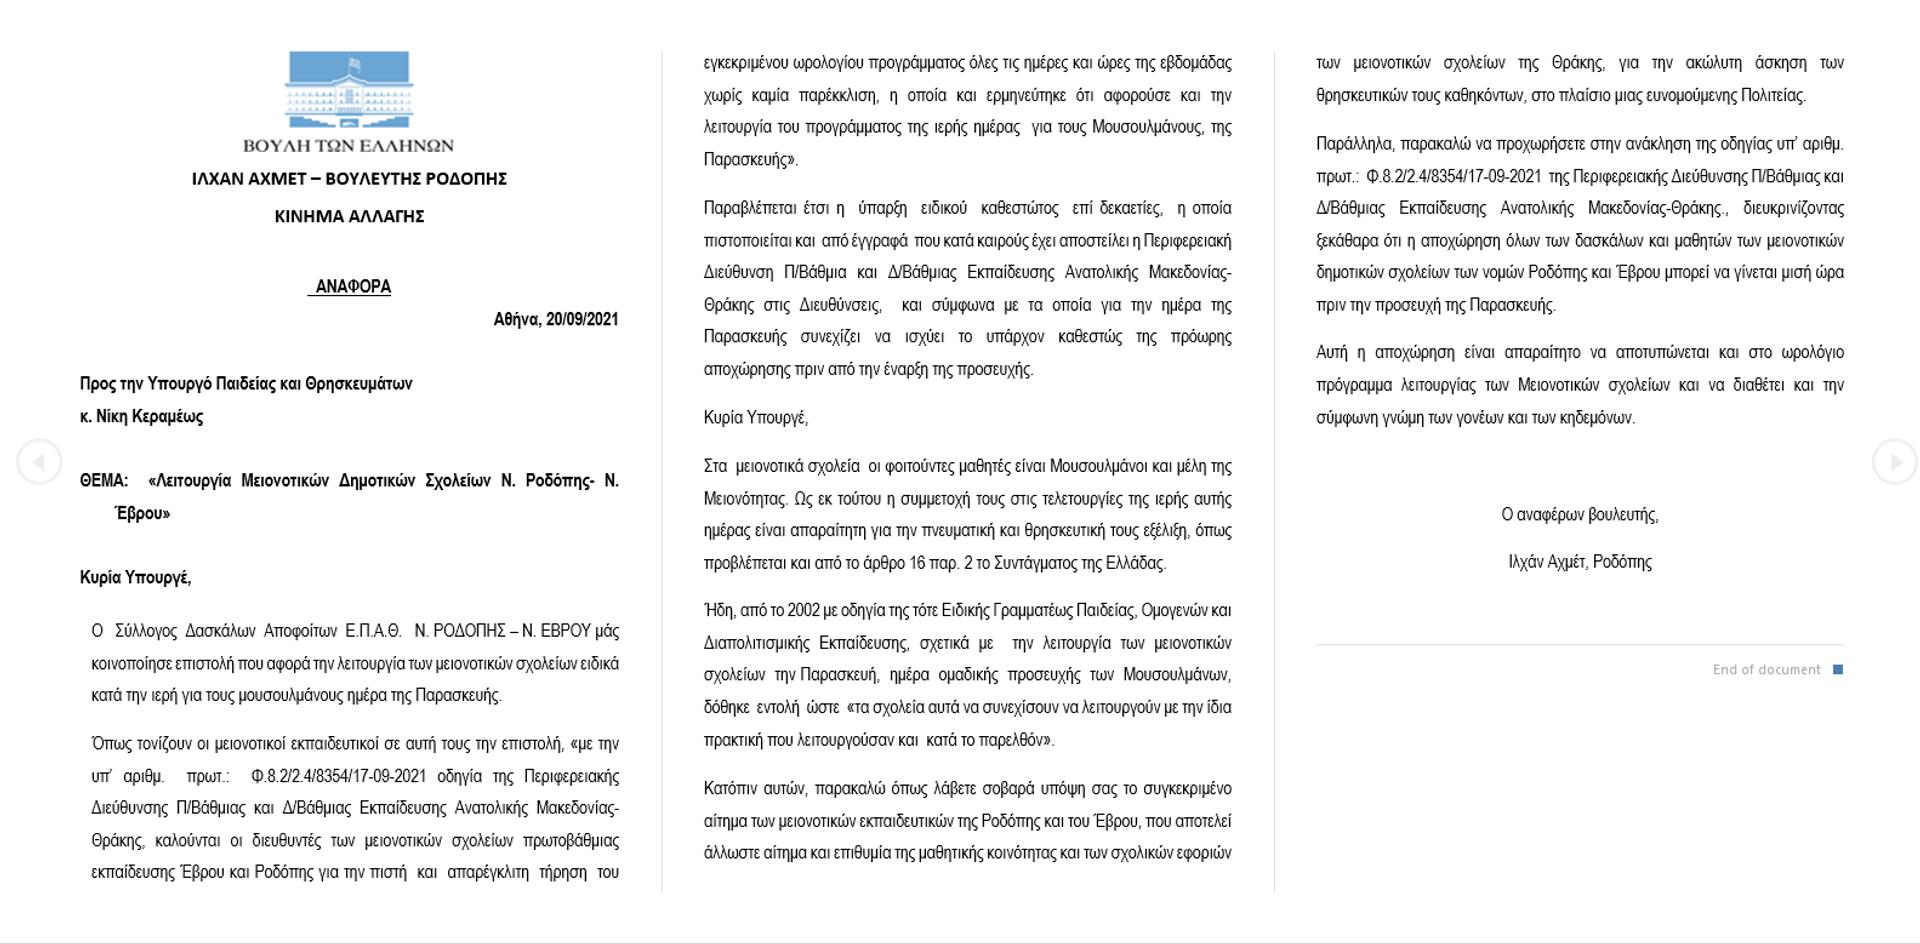 Αναφορά του Ιλχάν Αχμέτ για τη λειτουργία των μειονοτικών σχολείων της Θράκης - Sputnik Ελλάδα, 1920, 24.09.2021